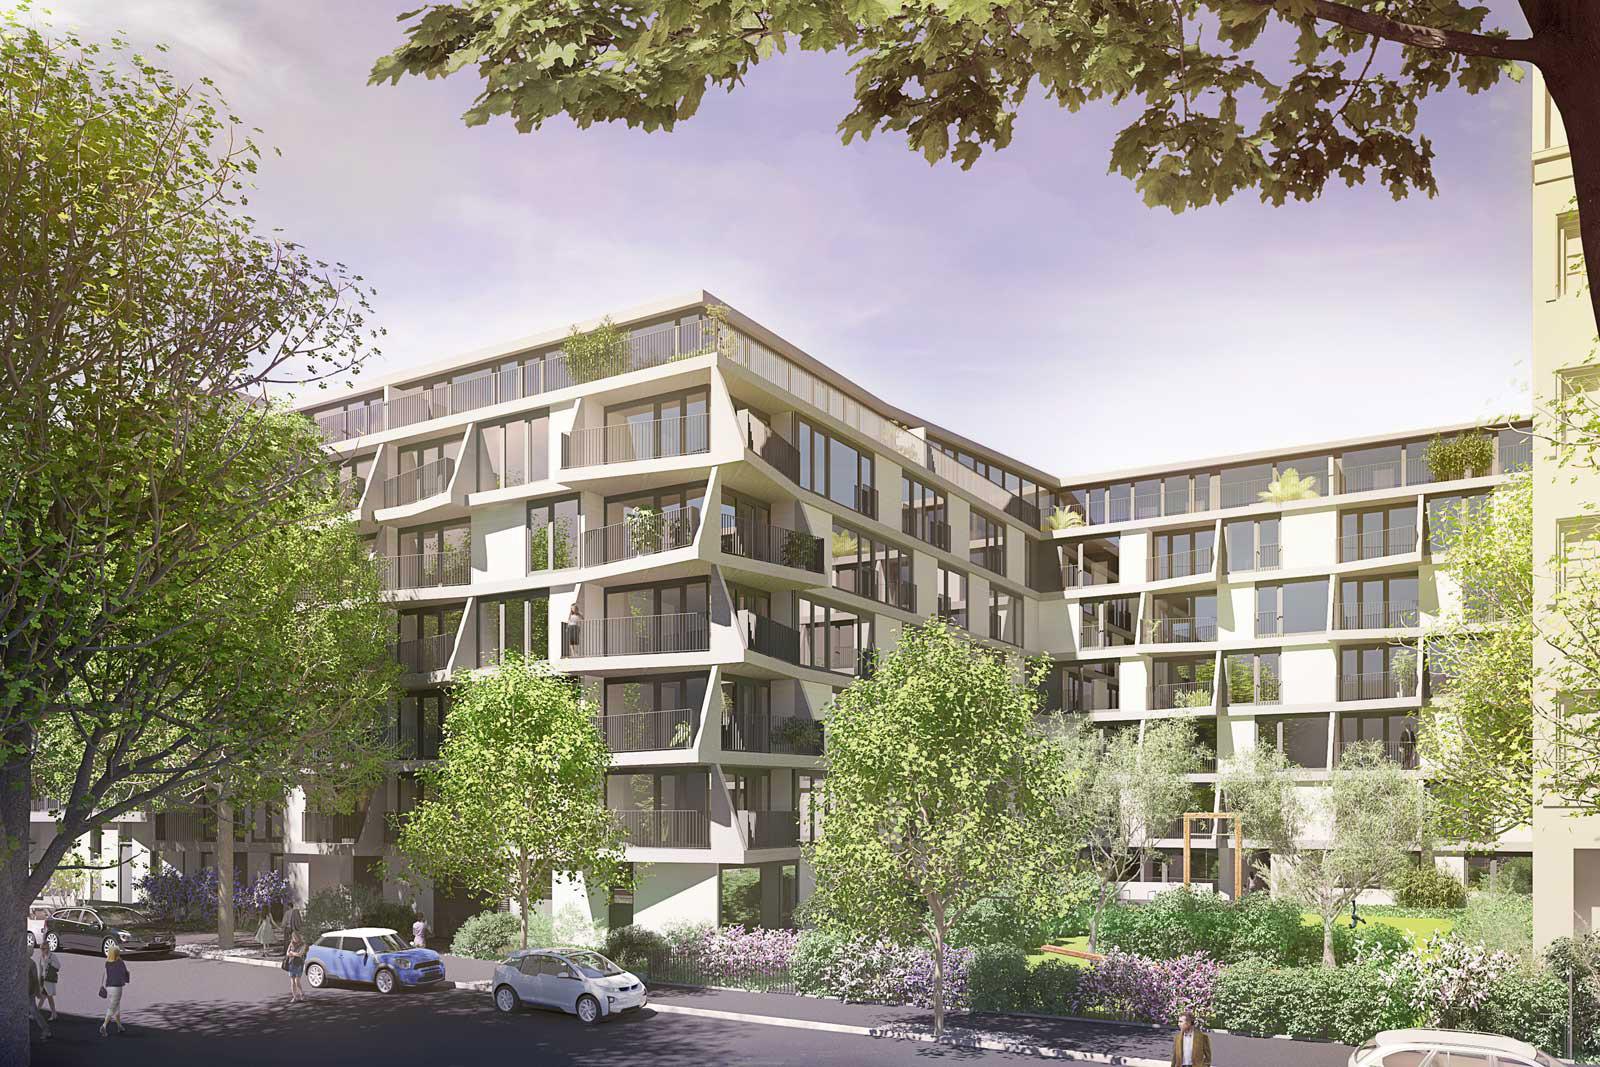 Bouchegaerten-Impression-Fassadenansicht